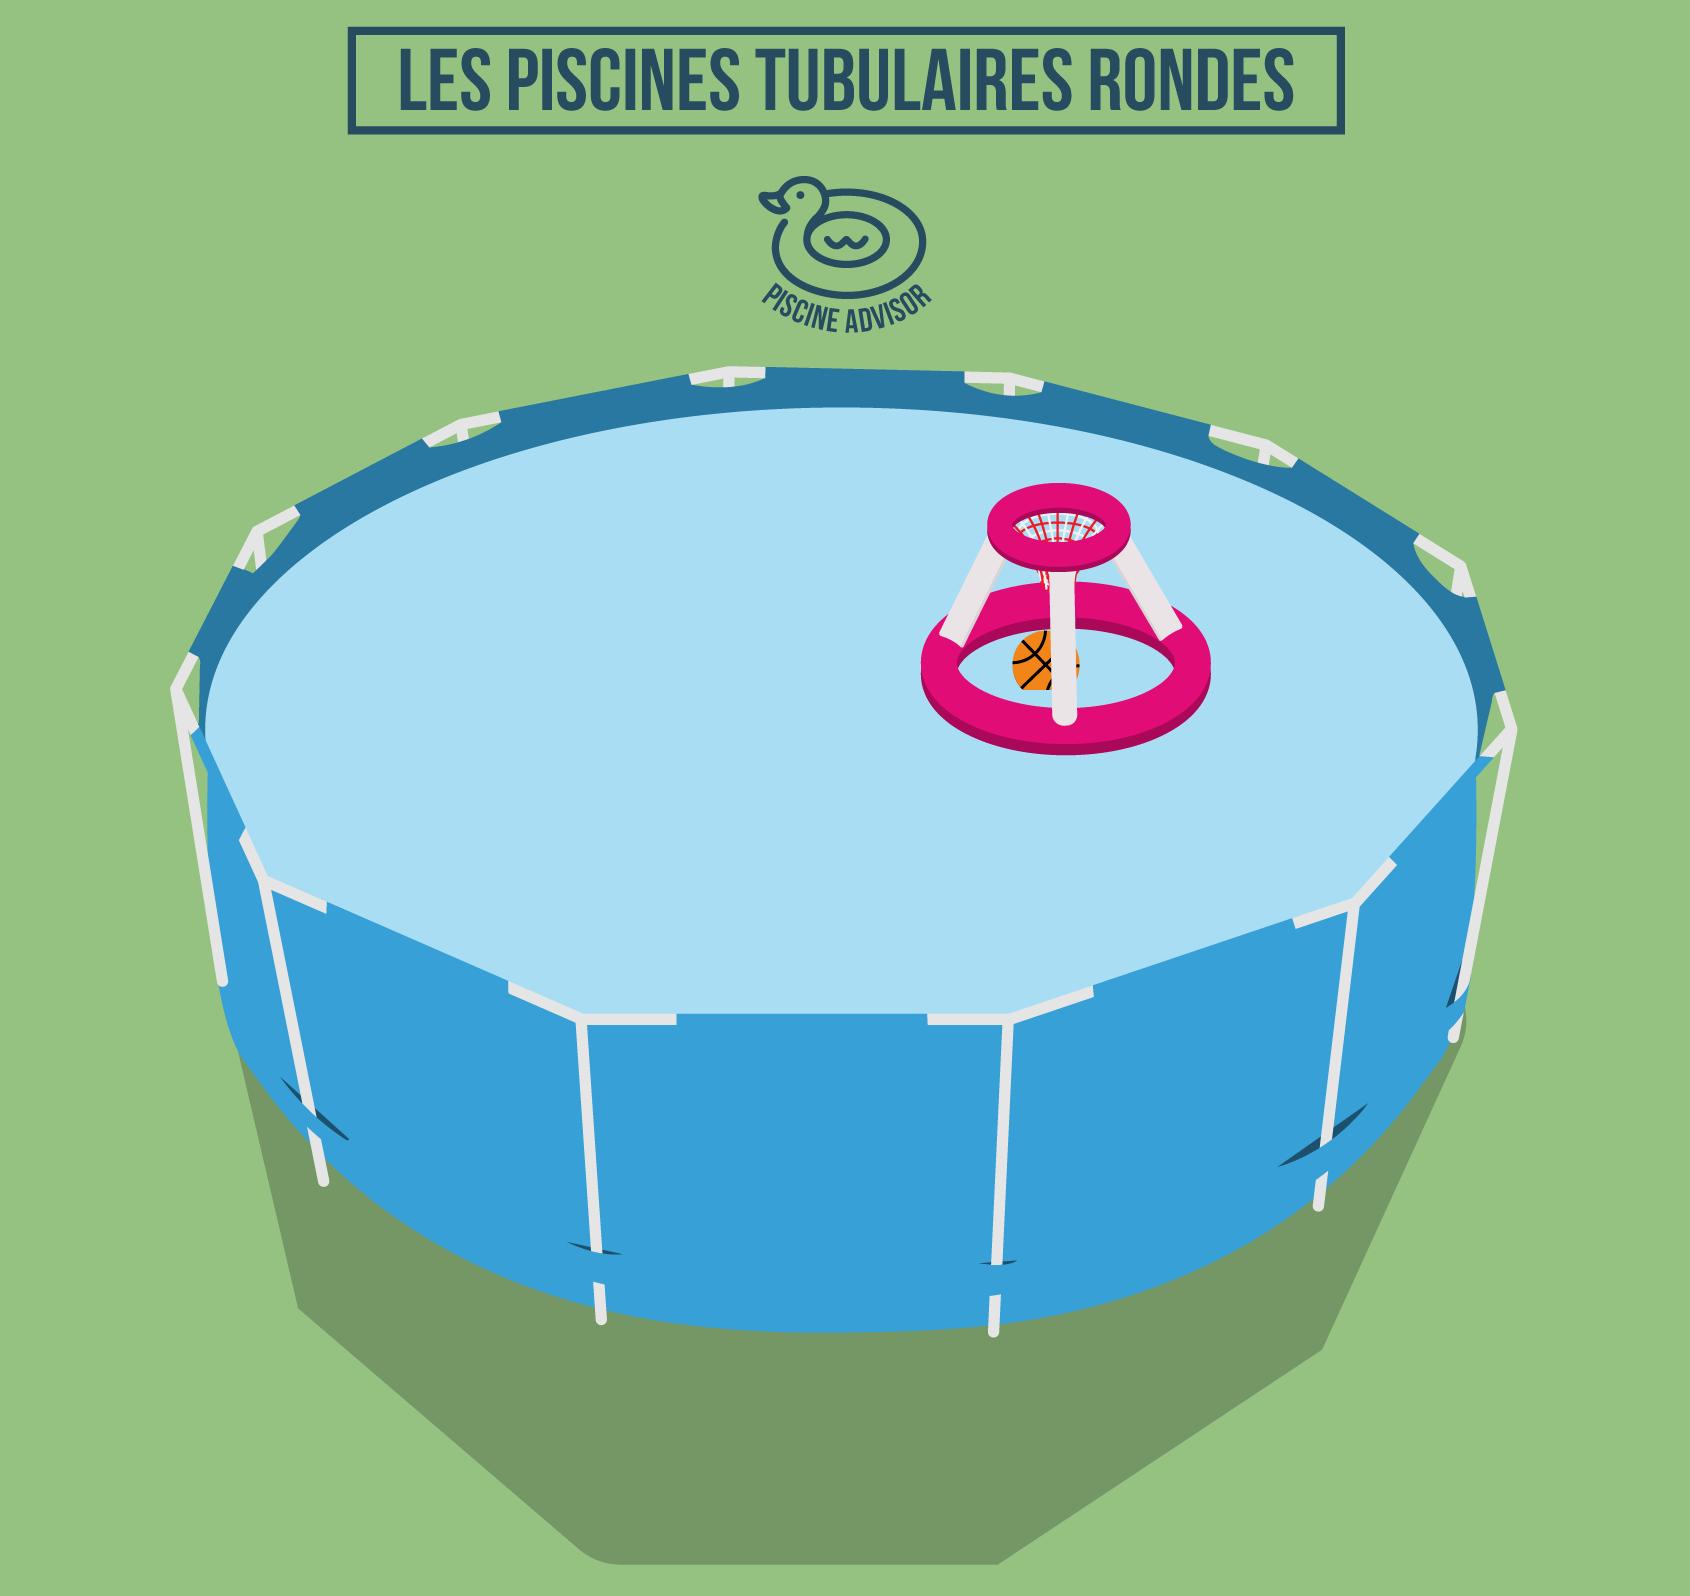 Piscine Tubulaire Ronde : Les 8 Meilleurs Modèles - Piscine ... concernant Piscines Tubulaires